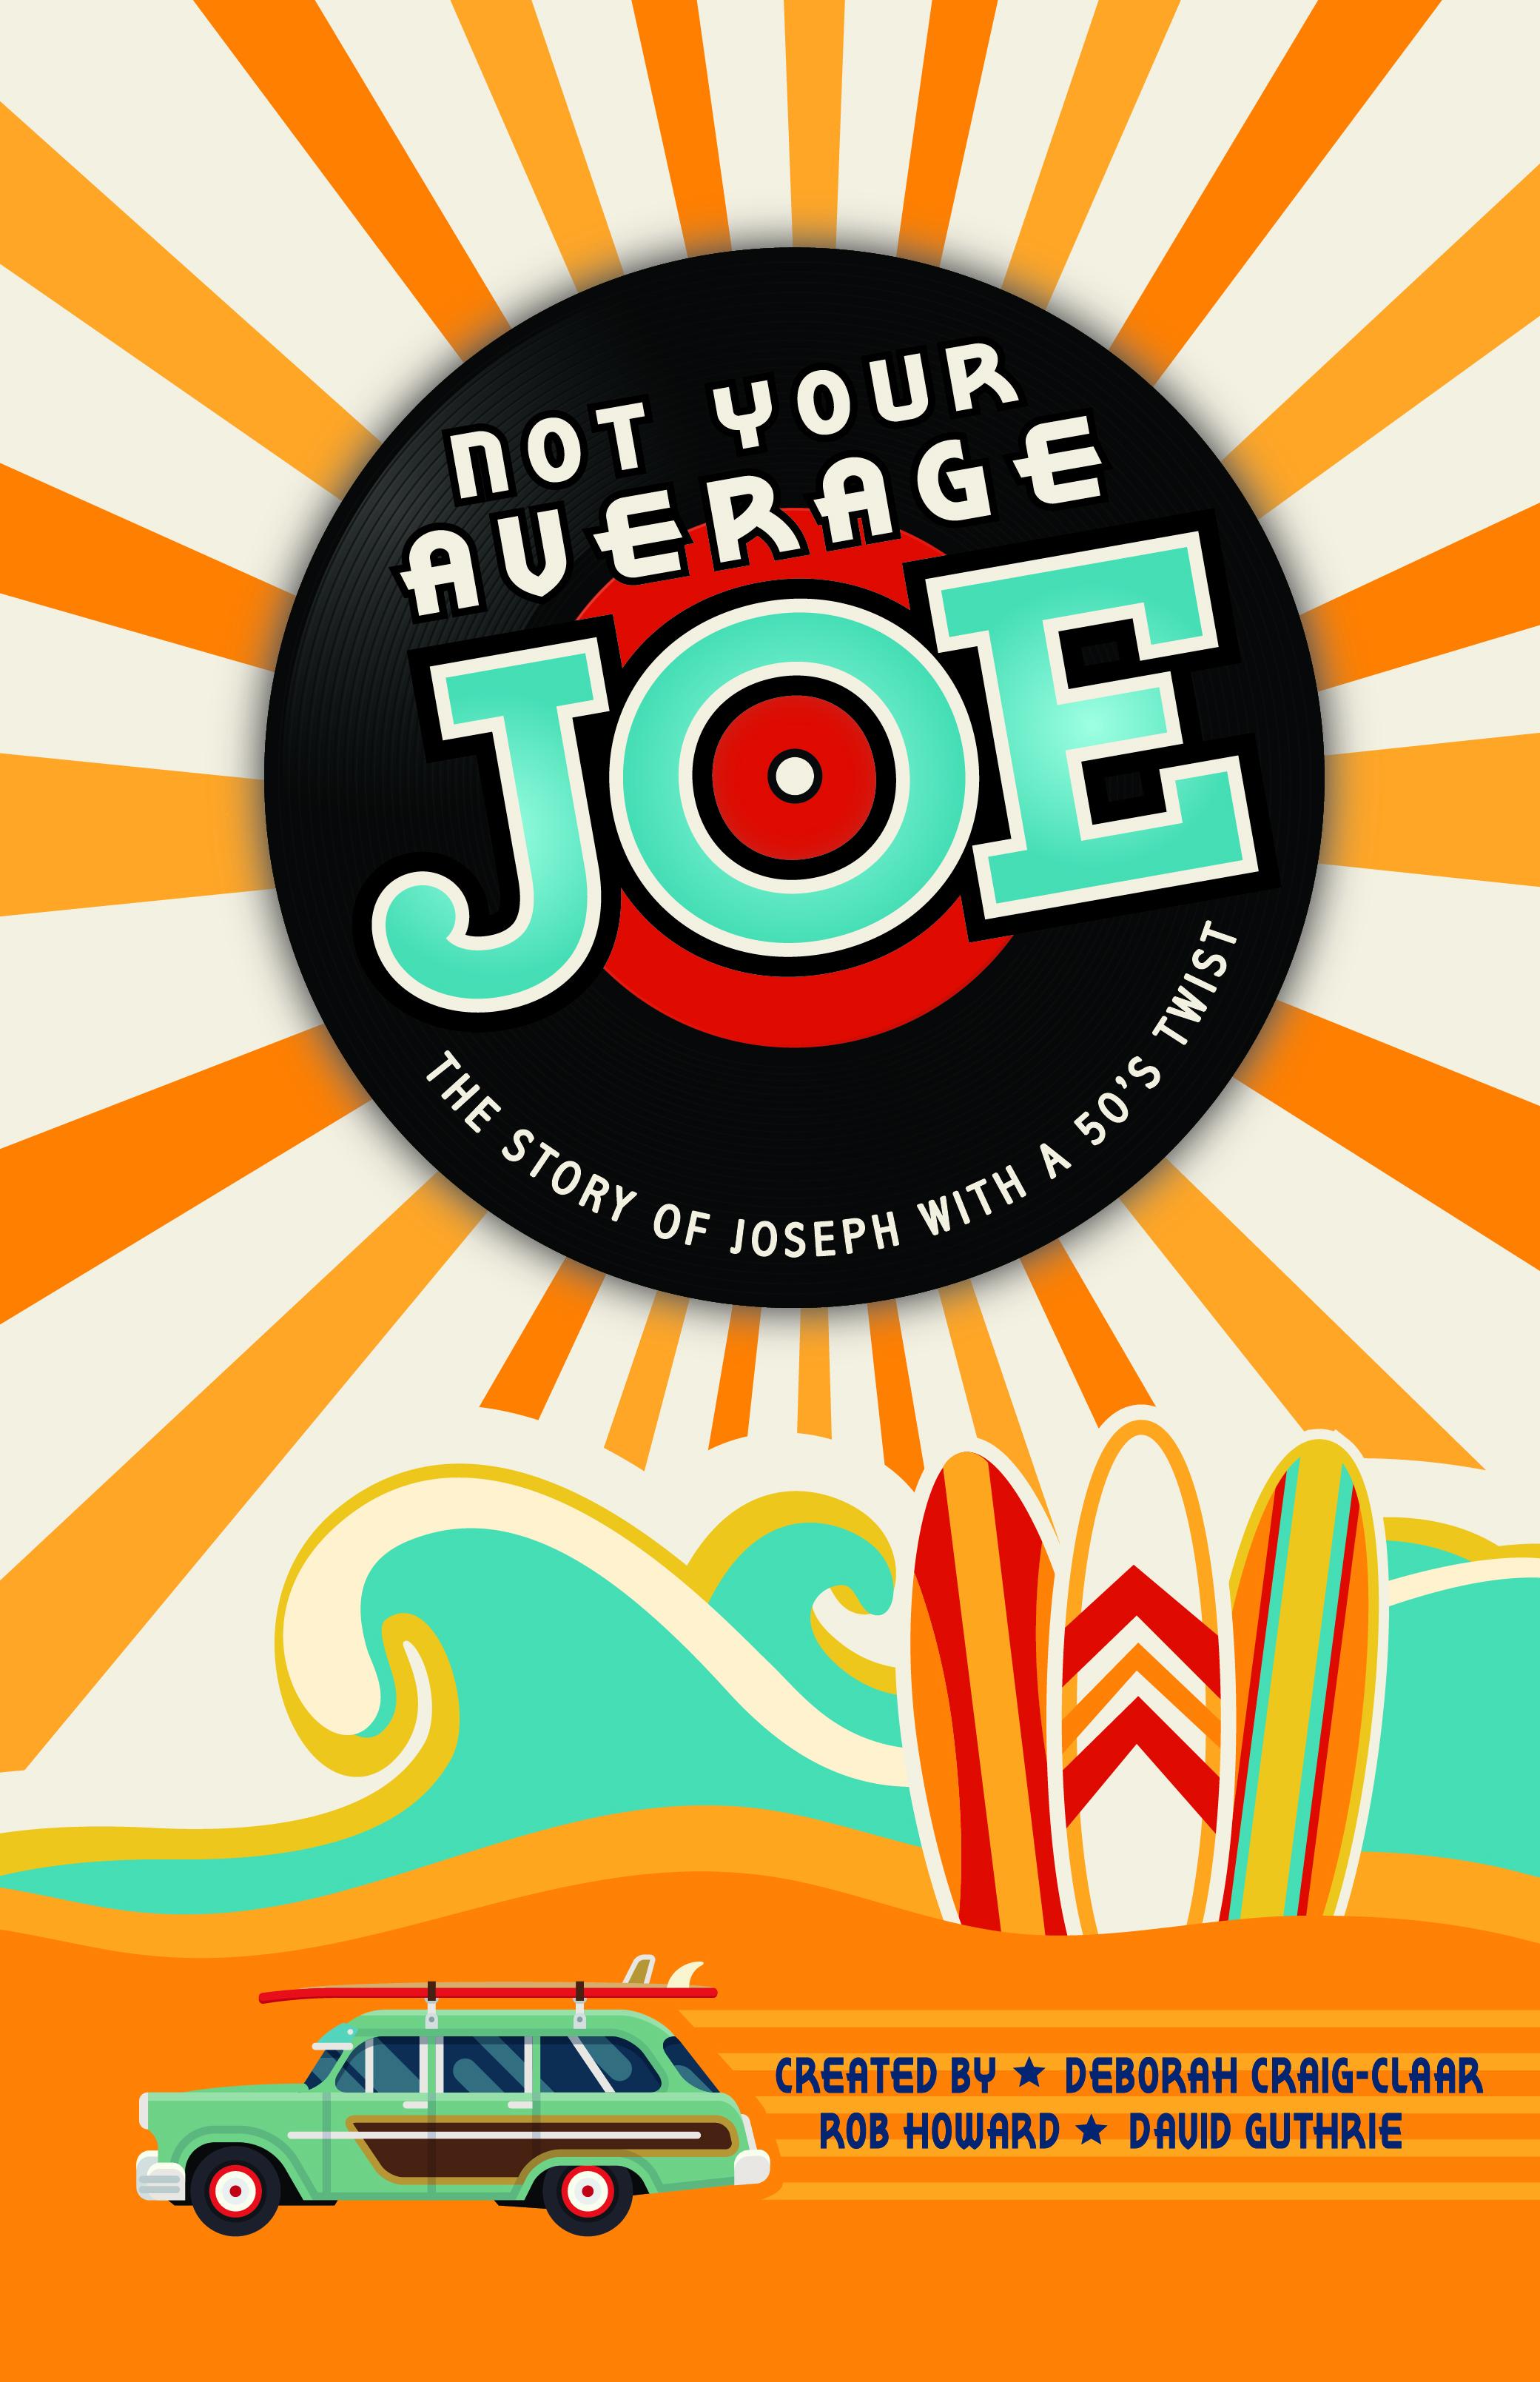 NotYourAverageJoe_COVER.jpg